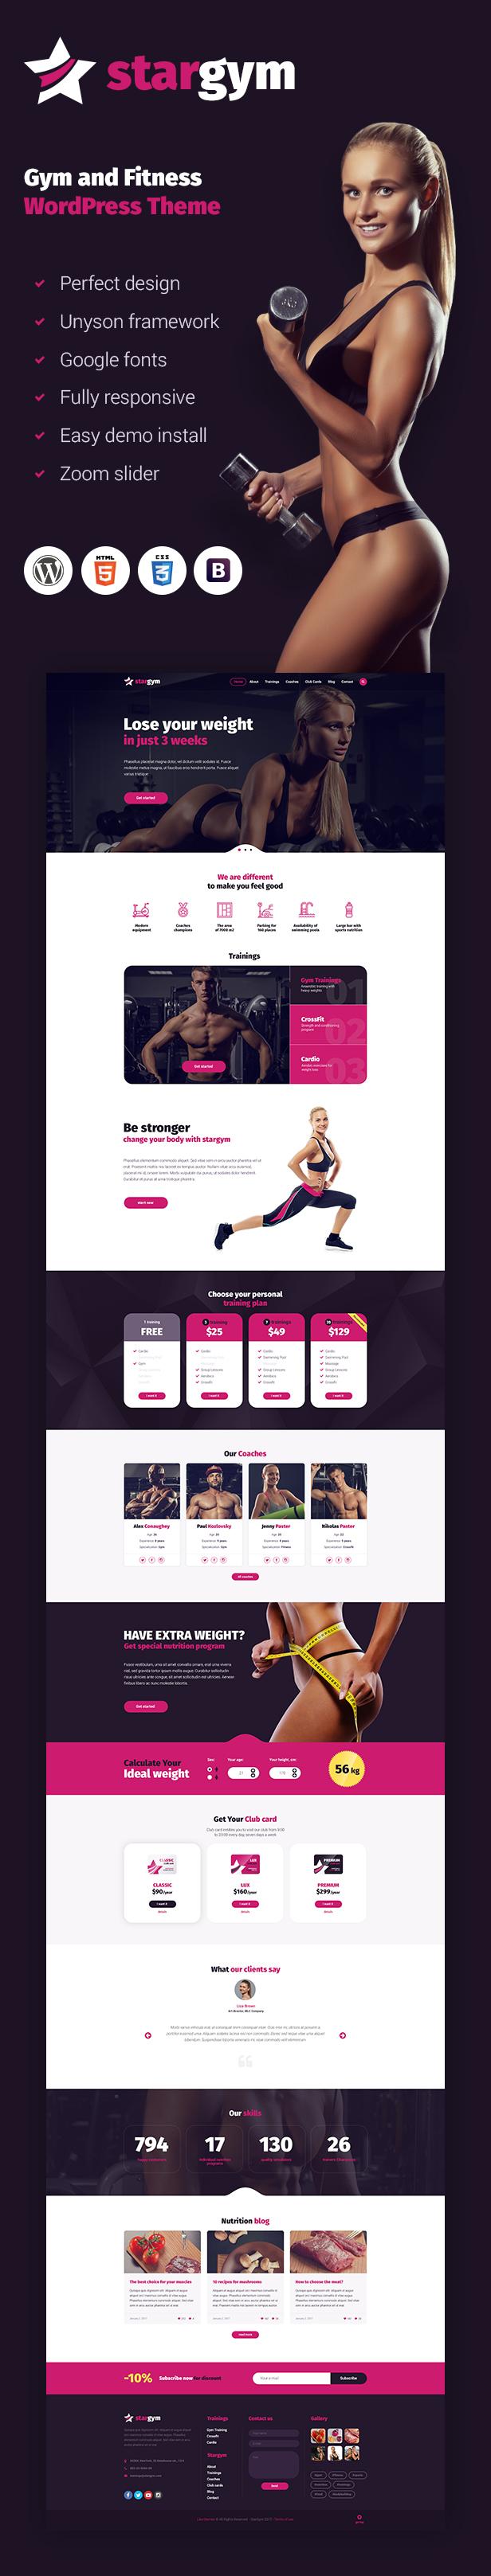 Stargym - Gym Trainer, Fitness Club and Gym WordPress Theme - 1